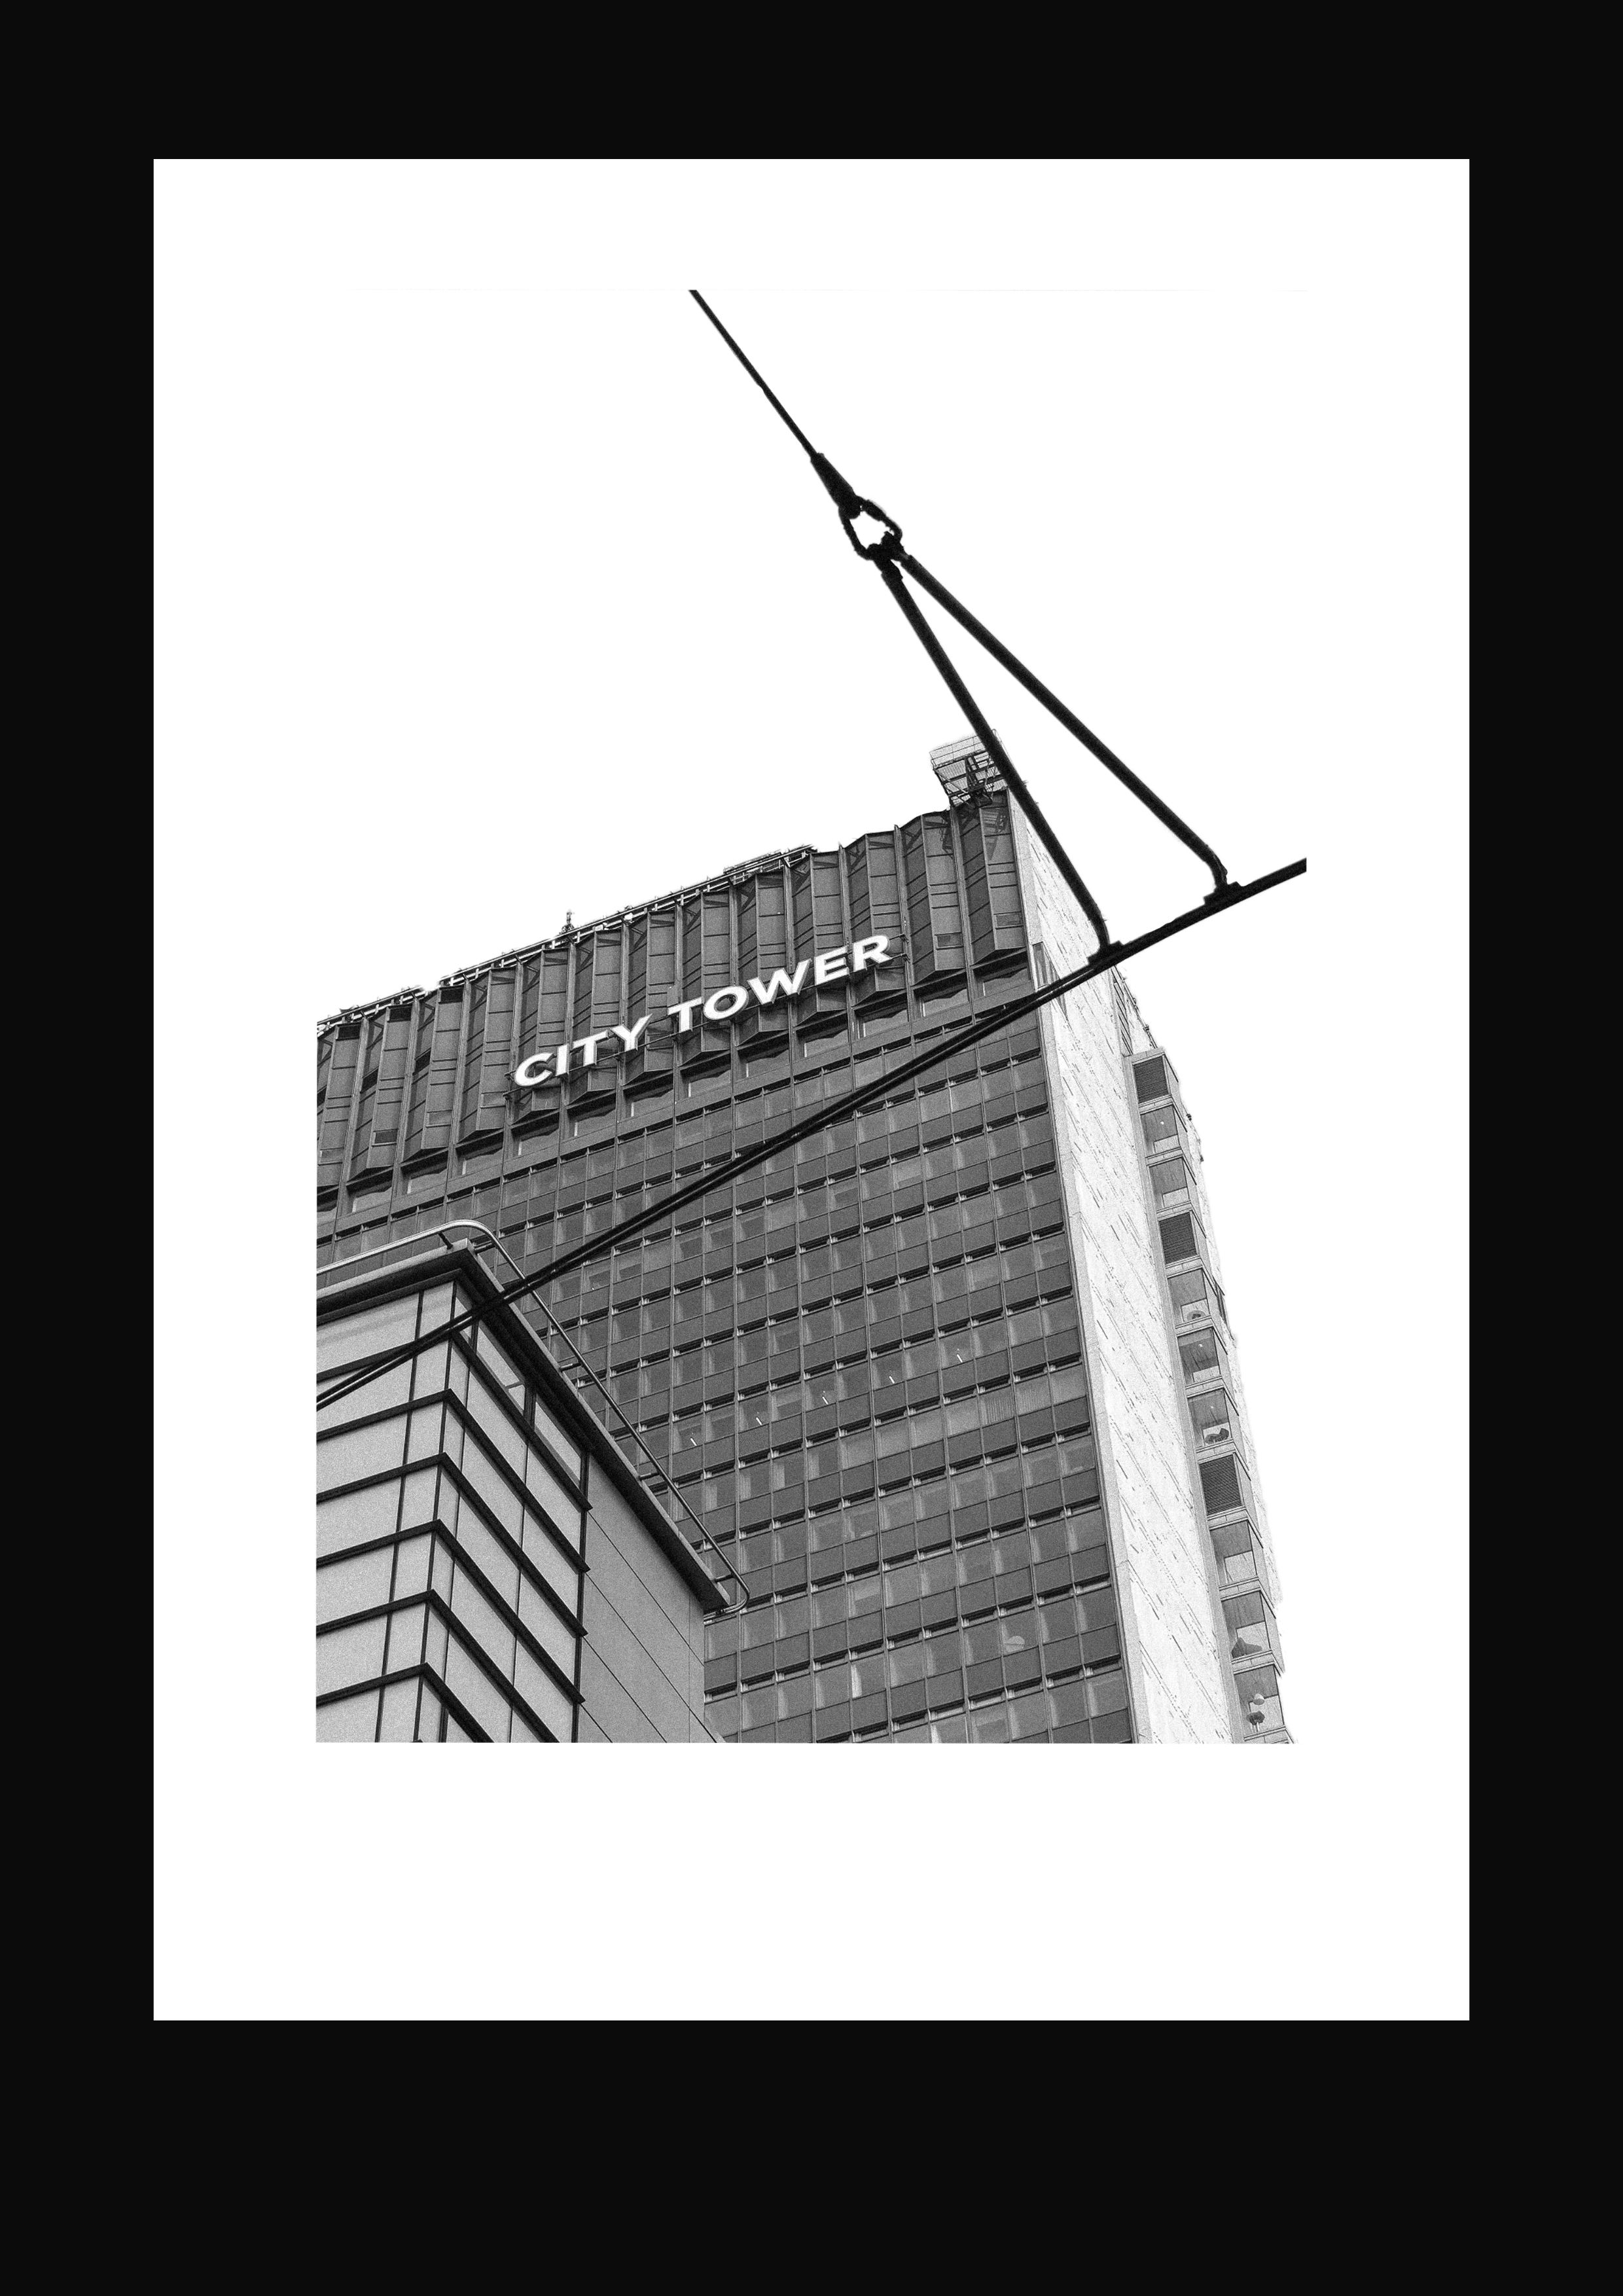 Black and white photograph of City Tower taken by Nia Thomas. Manctopia.